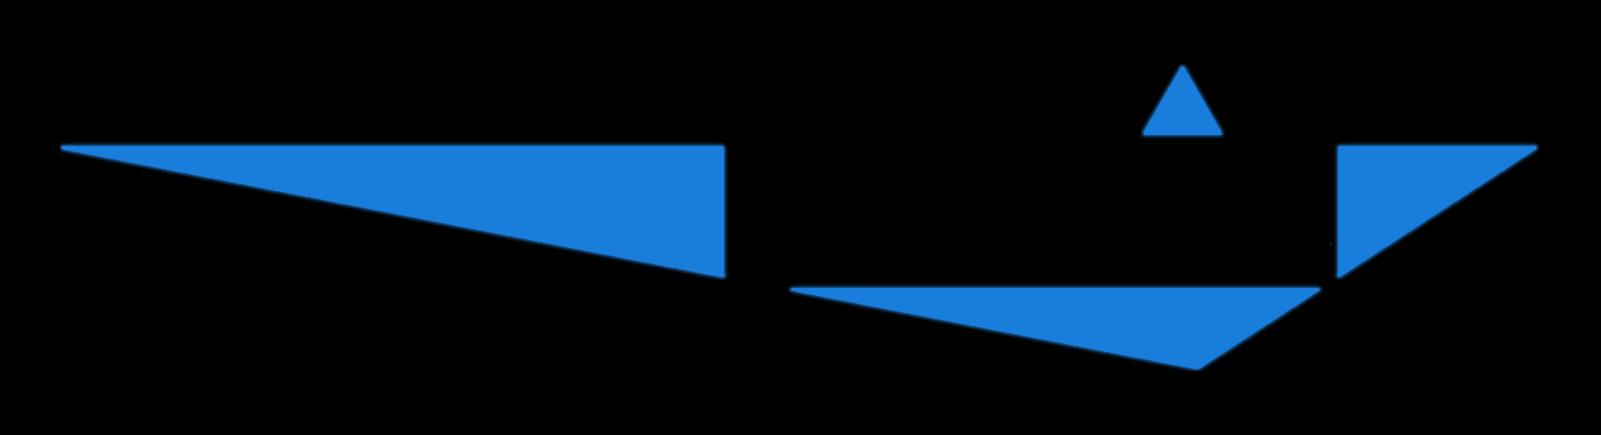 Becker Industrieverpackungen e. K.